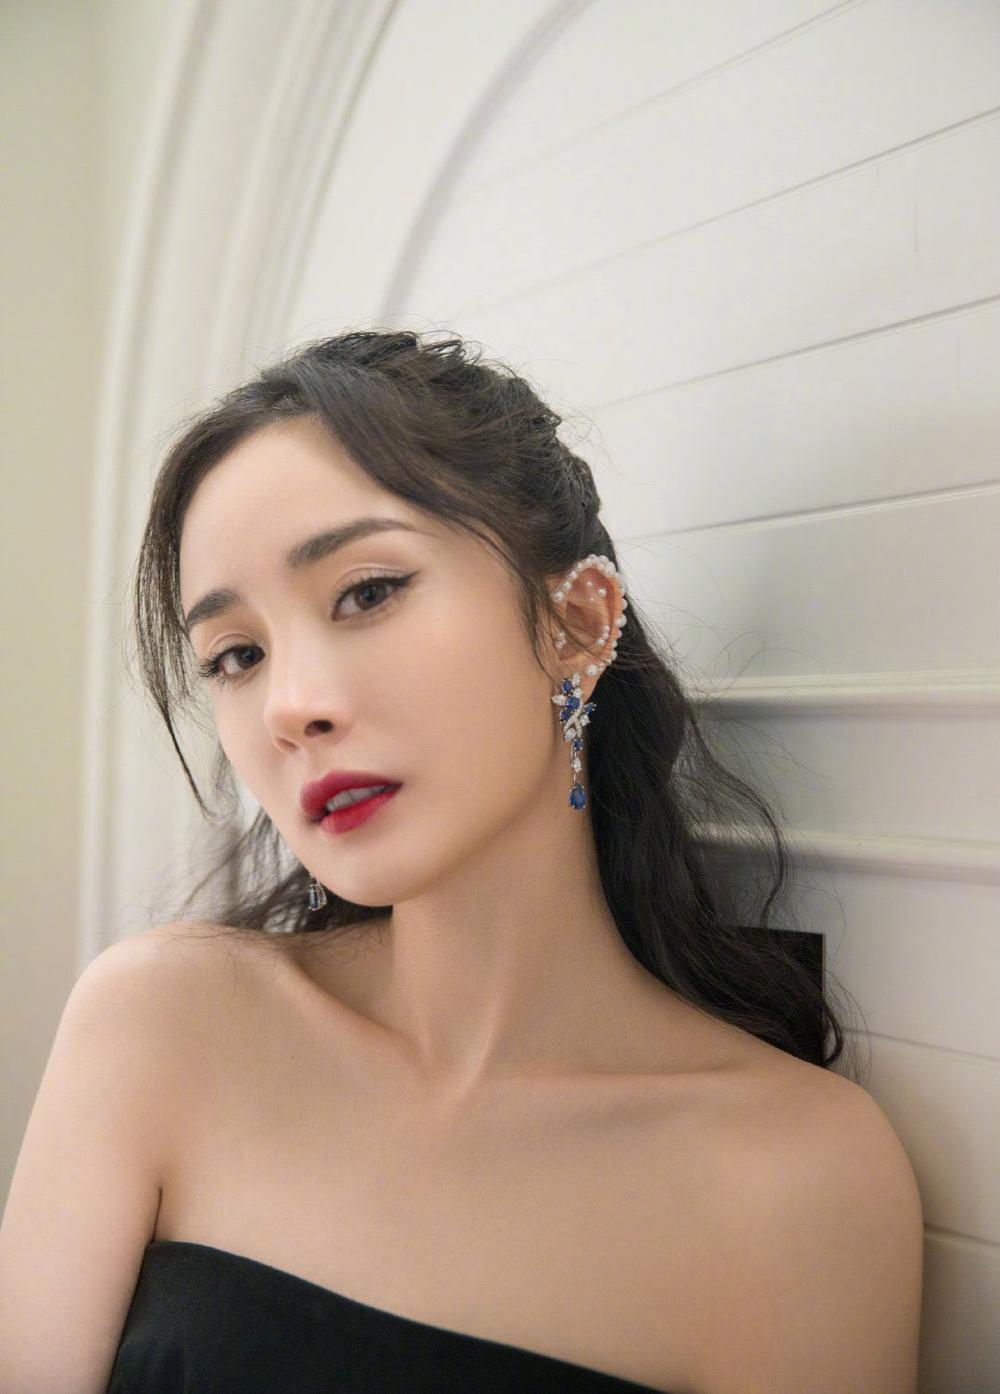 'Đêm hội ELLE 2020': Cận cảnh nhan sắc đẹp nao lòng của Dương Mịch, Cổ Lực Na Trát, Đường Yên và loạt sao Cbiz Ảnh 5